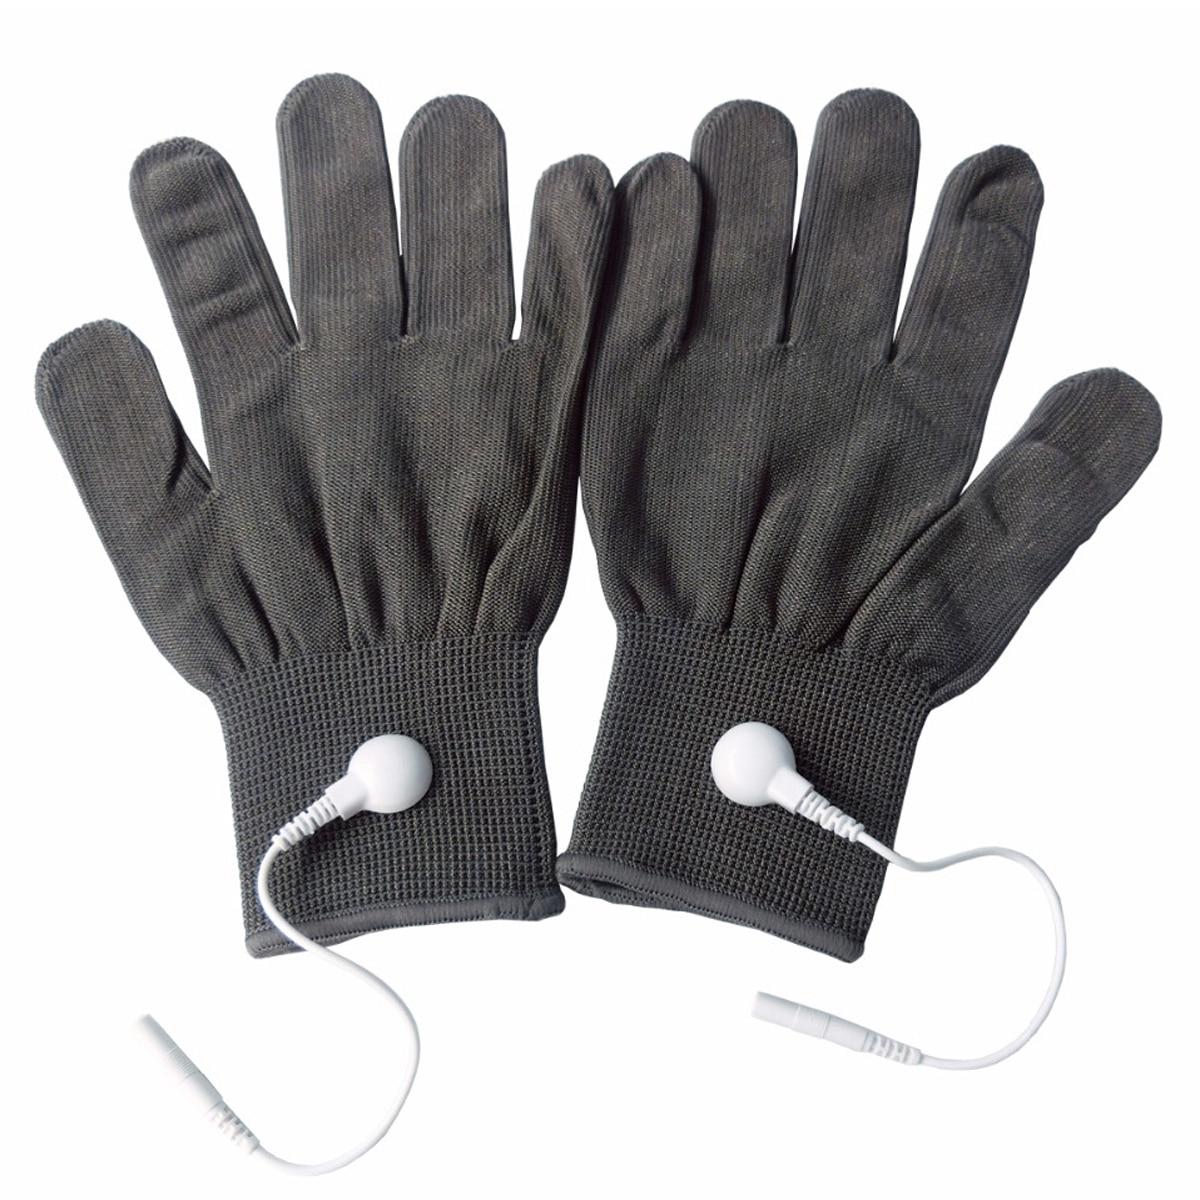 5 guantes de masaje conductivos par/pack guantes de electrodo de fisioterapia gris profundo-in Masaje y relajación from Belleza y salud on AliExpress - 11.11_Double 11_Singles' Day 1